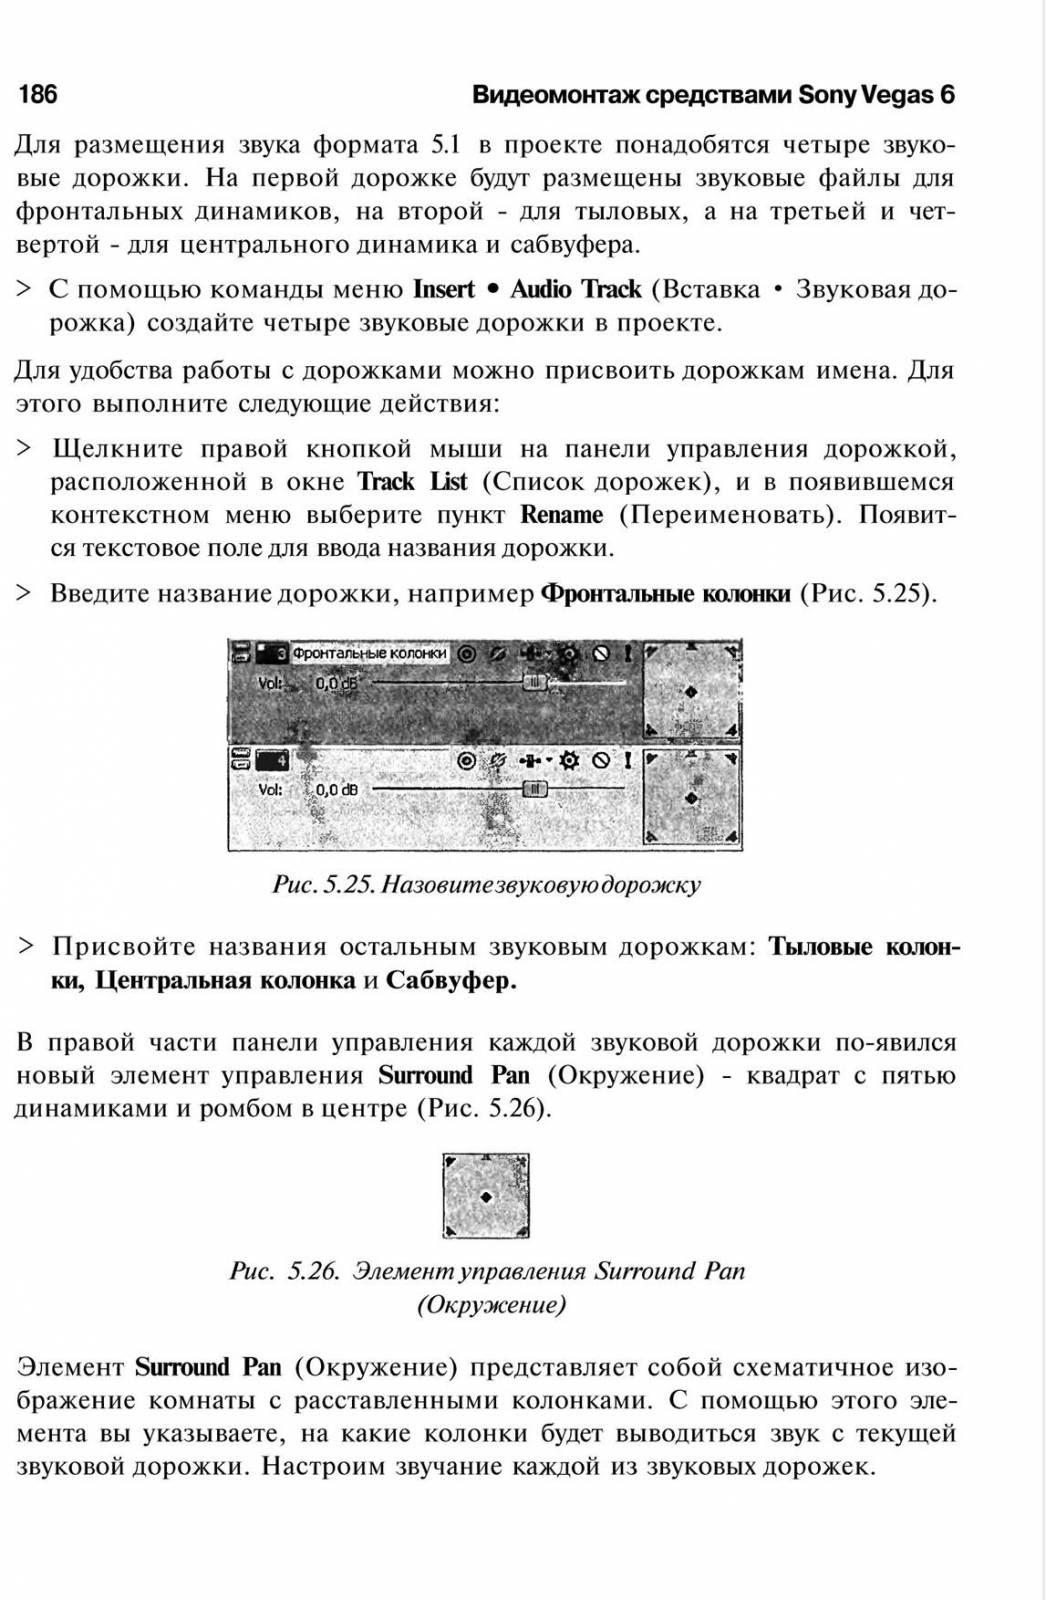 http://redaktori-uroki.3dn.ru/_ph/14/344269855.jpg